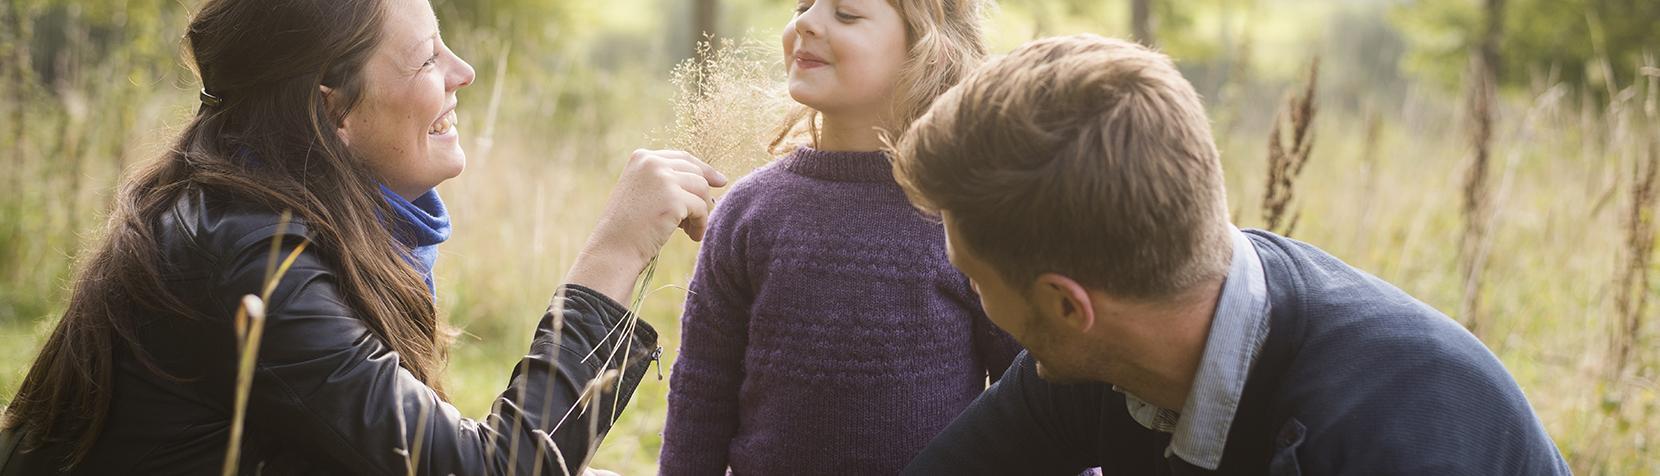 Familie på udflugt i naturen